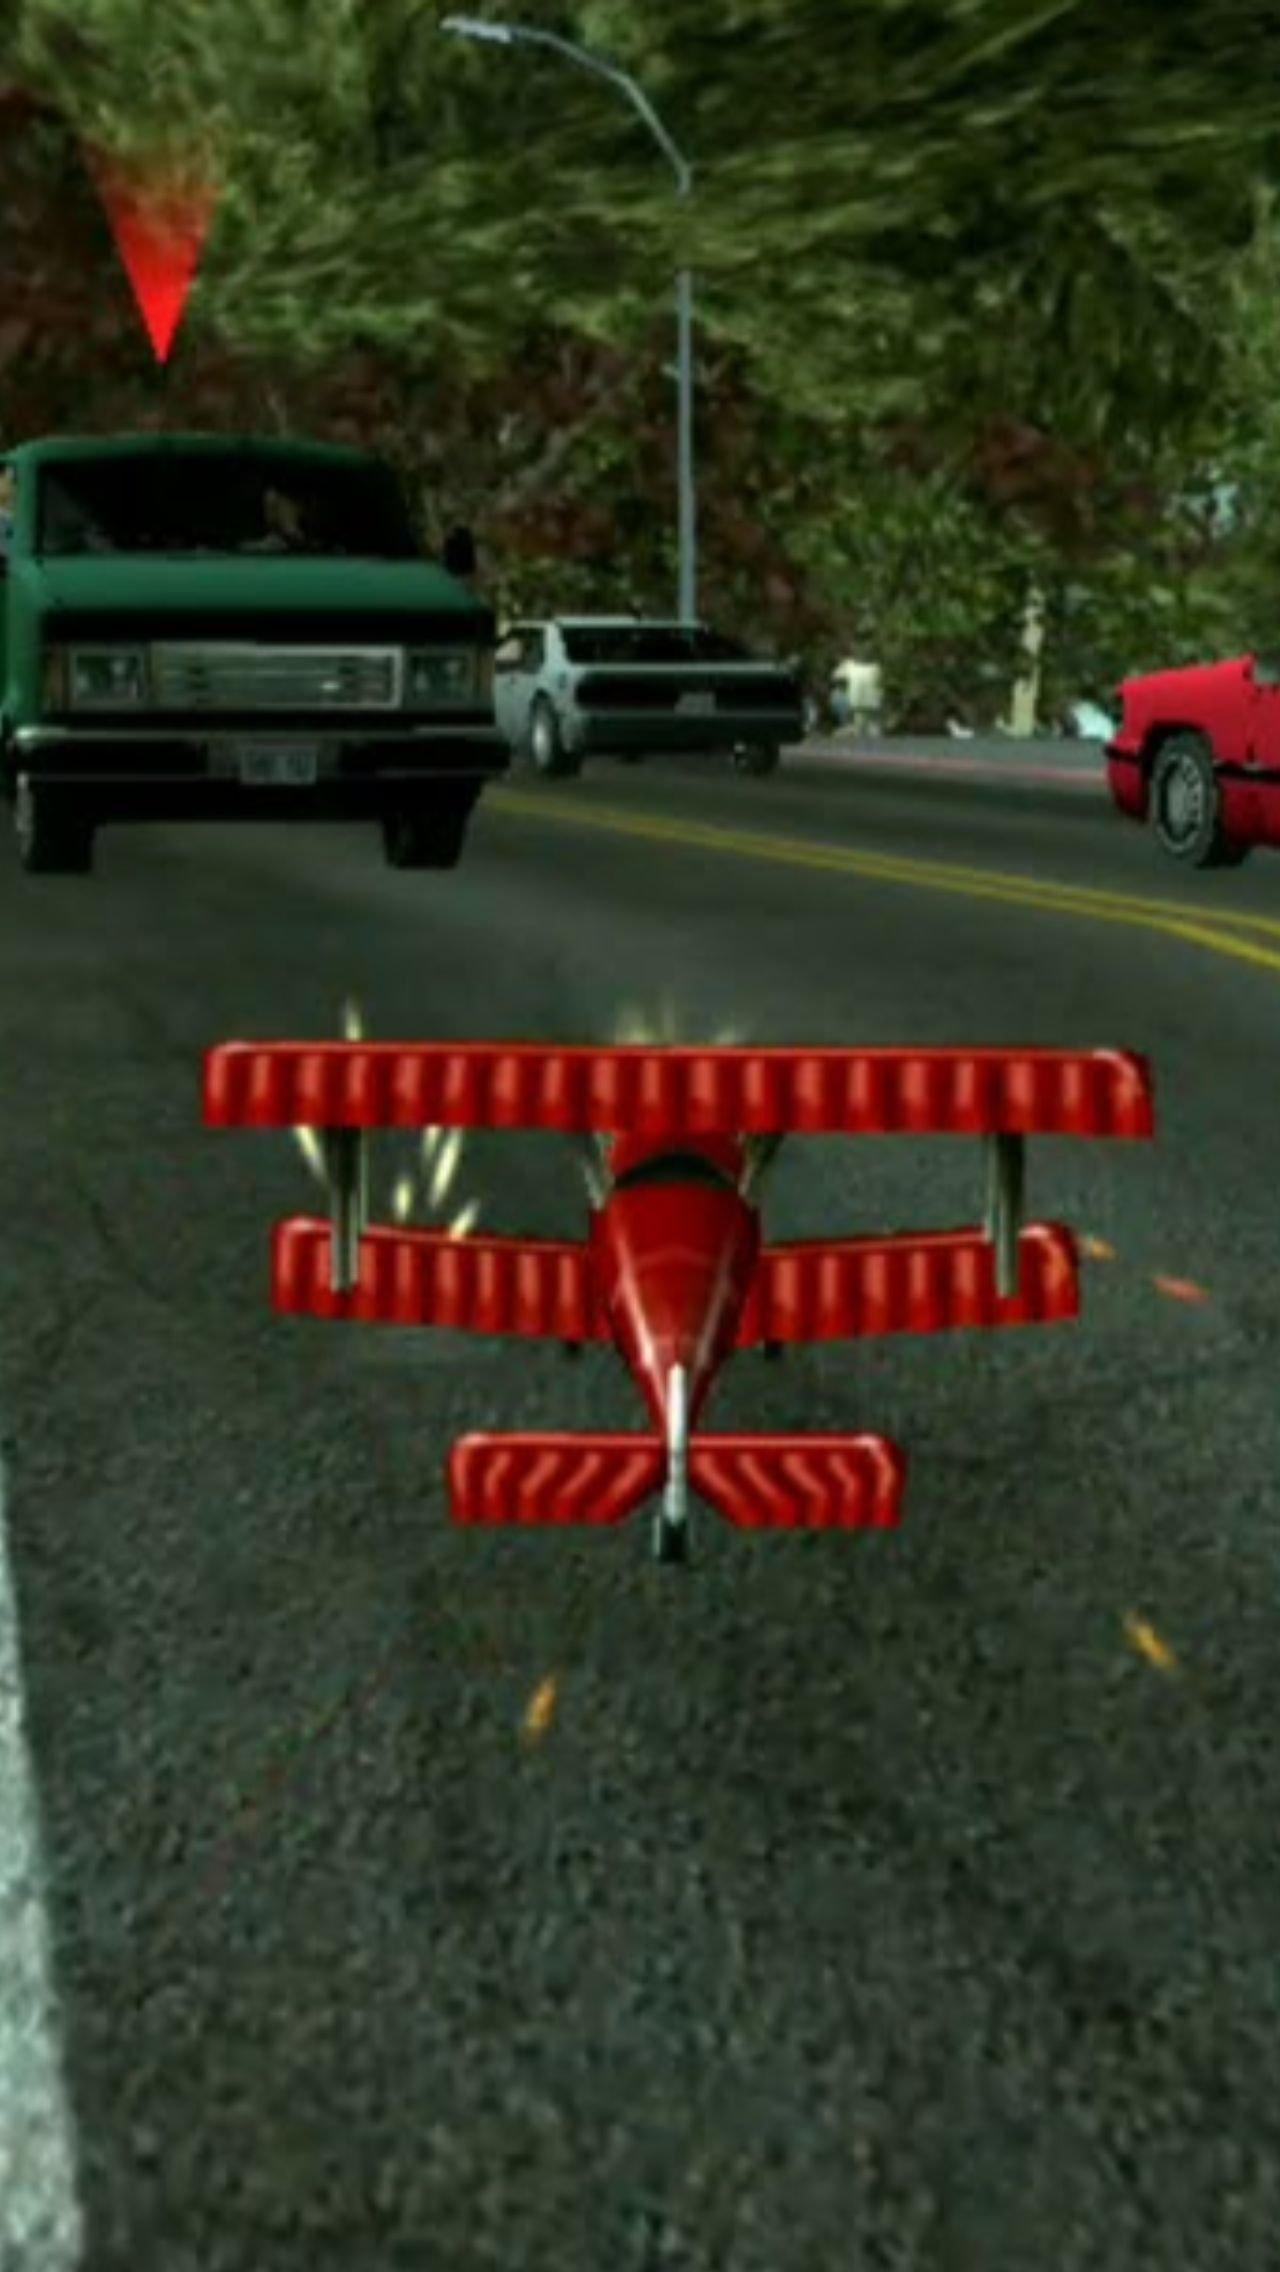 GTA: San Andreas – Zero's Missions